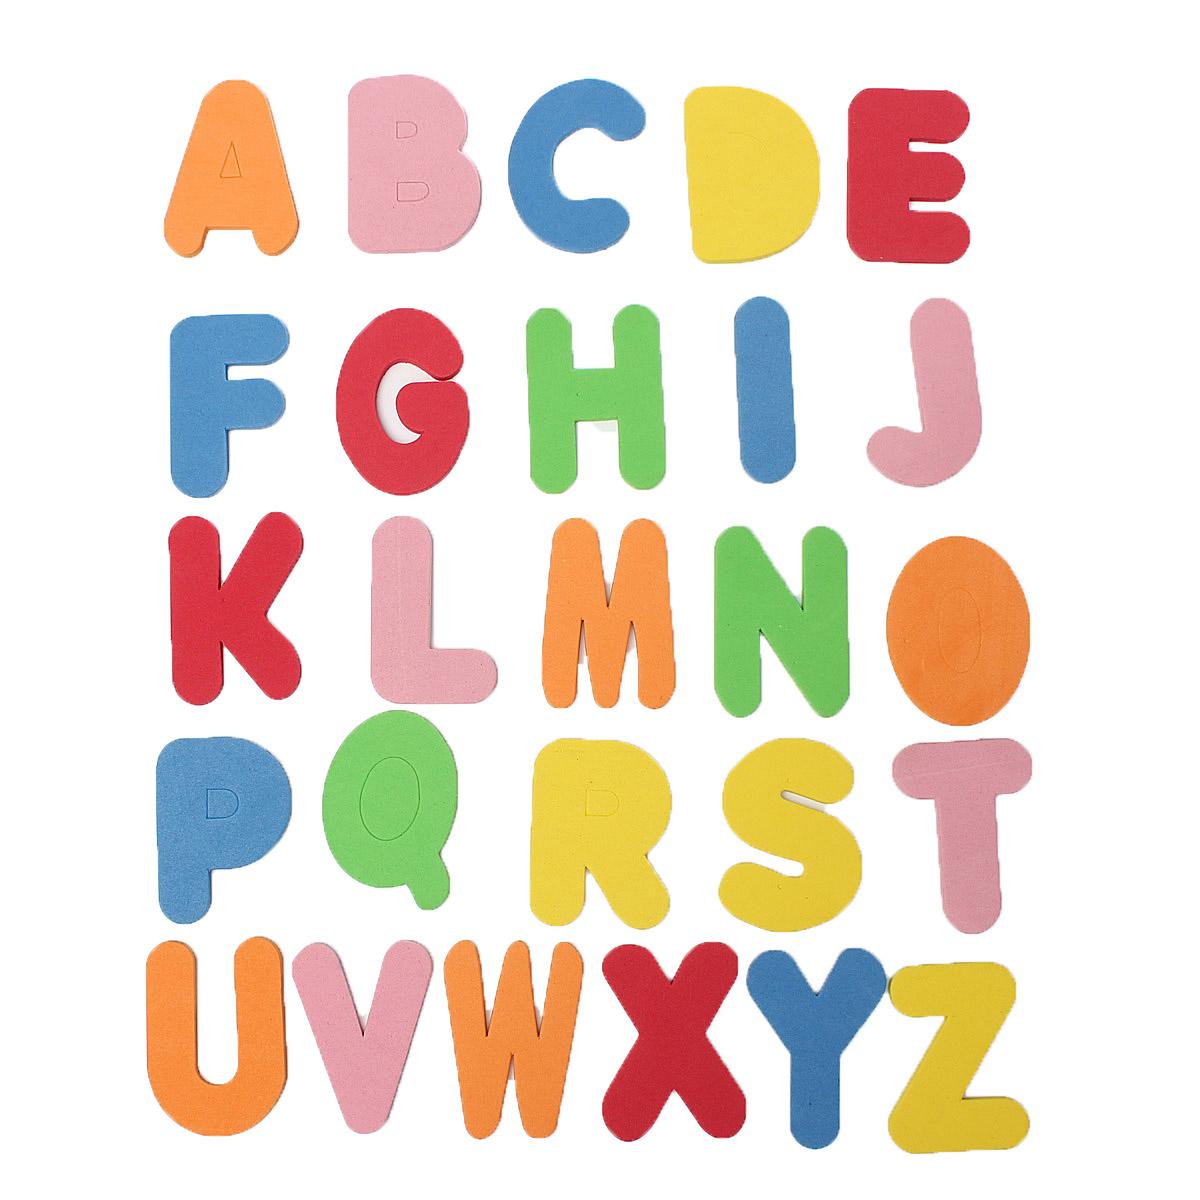 Lettre En Anglais: Aquatique Jouet 36 L'Alphabet Anglais Jeux D'eau Pour Bébé